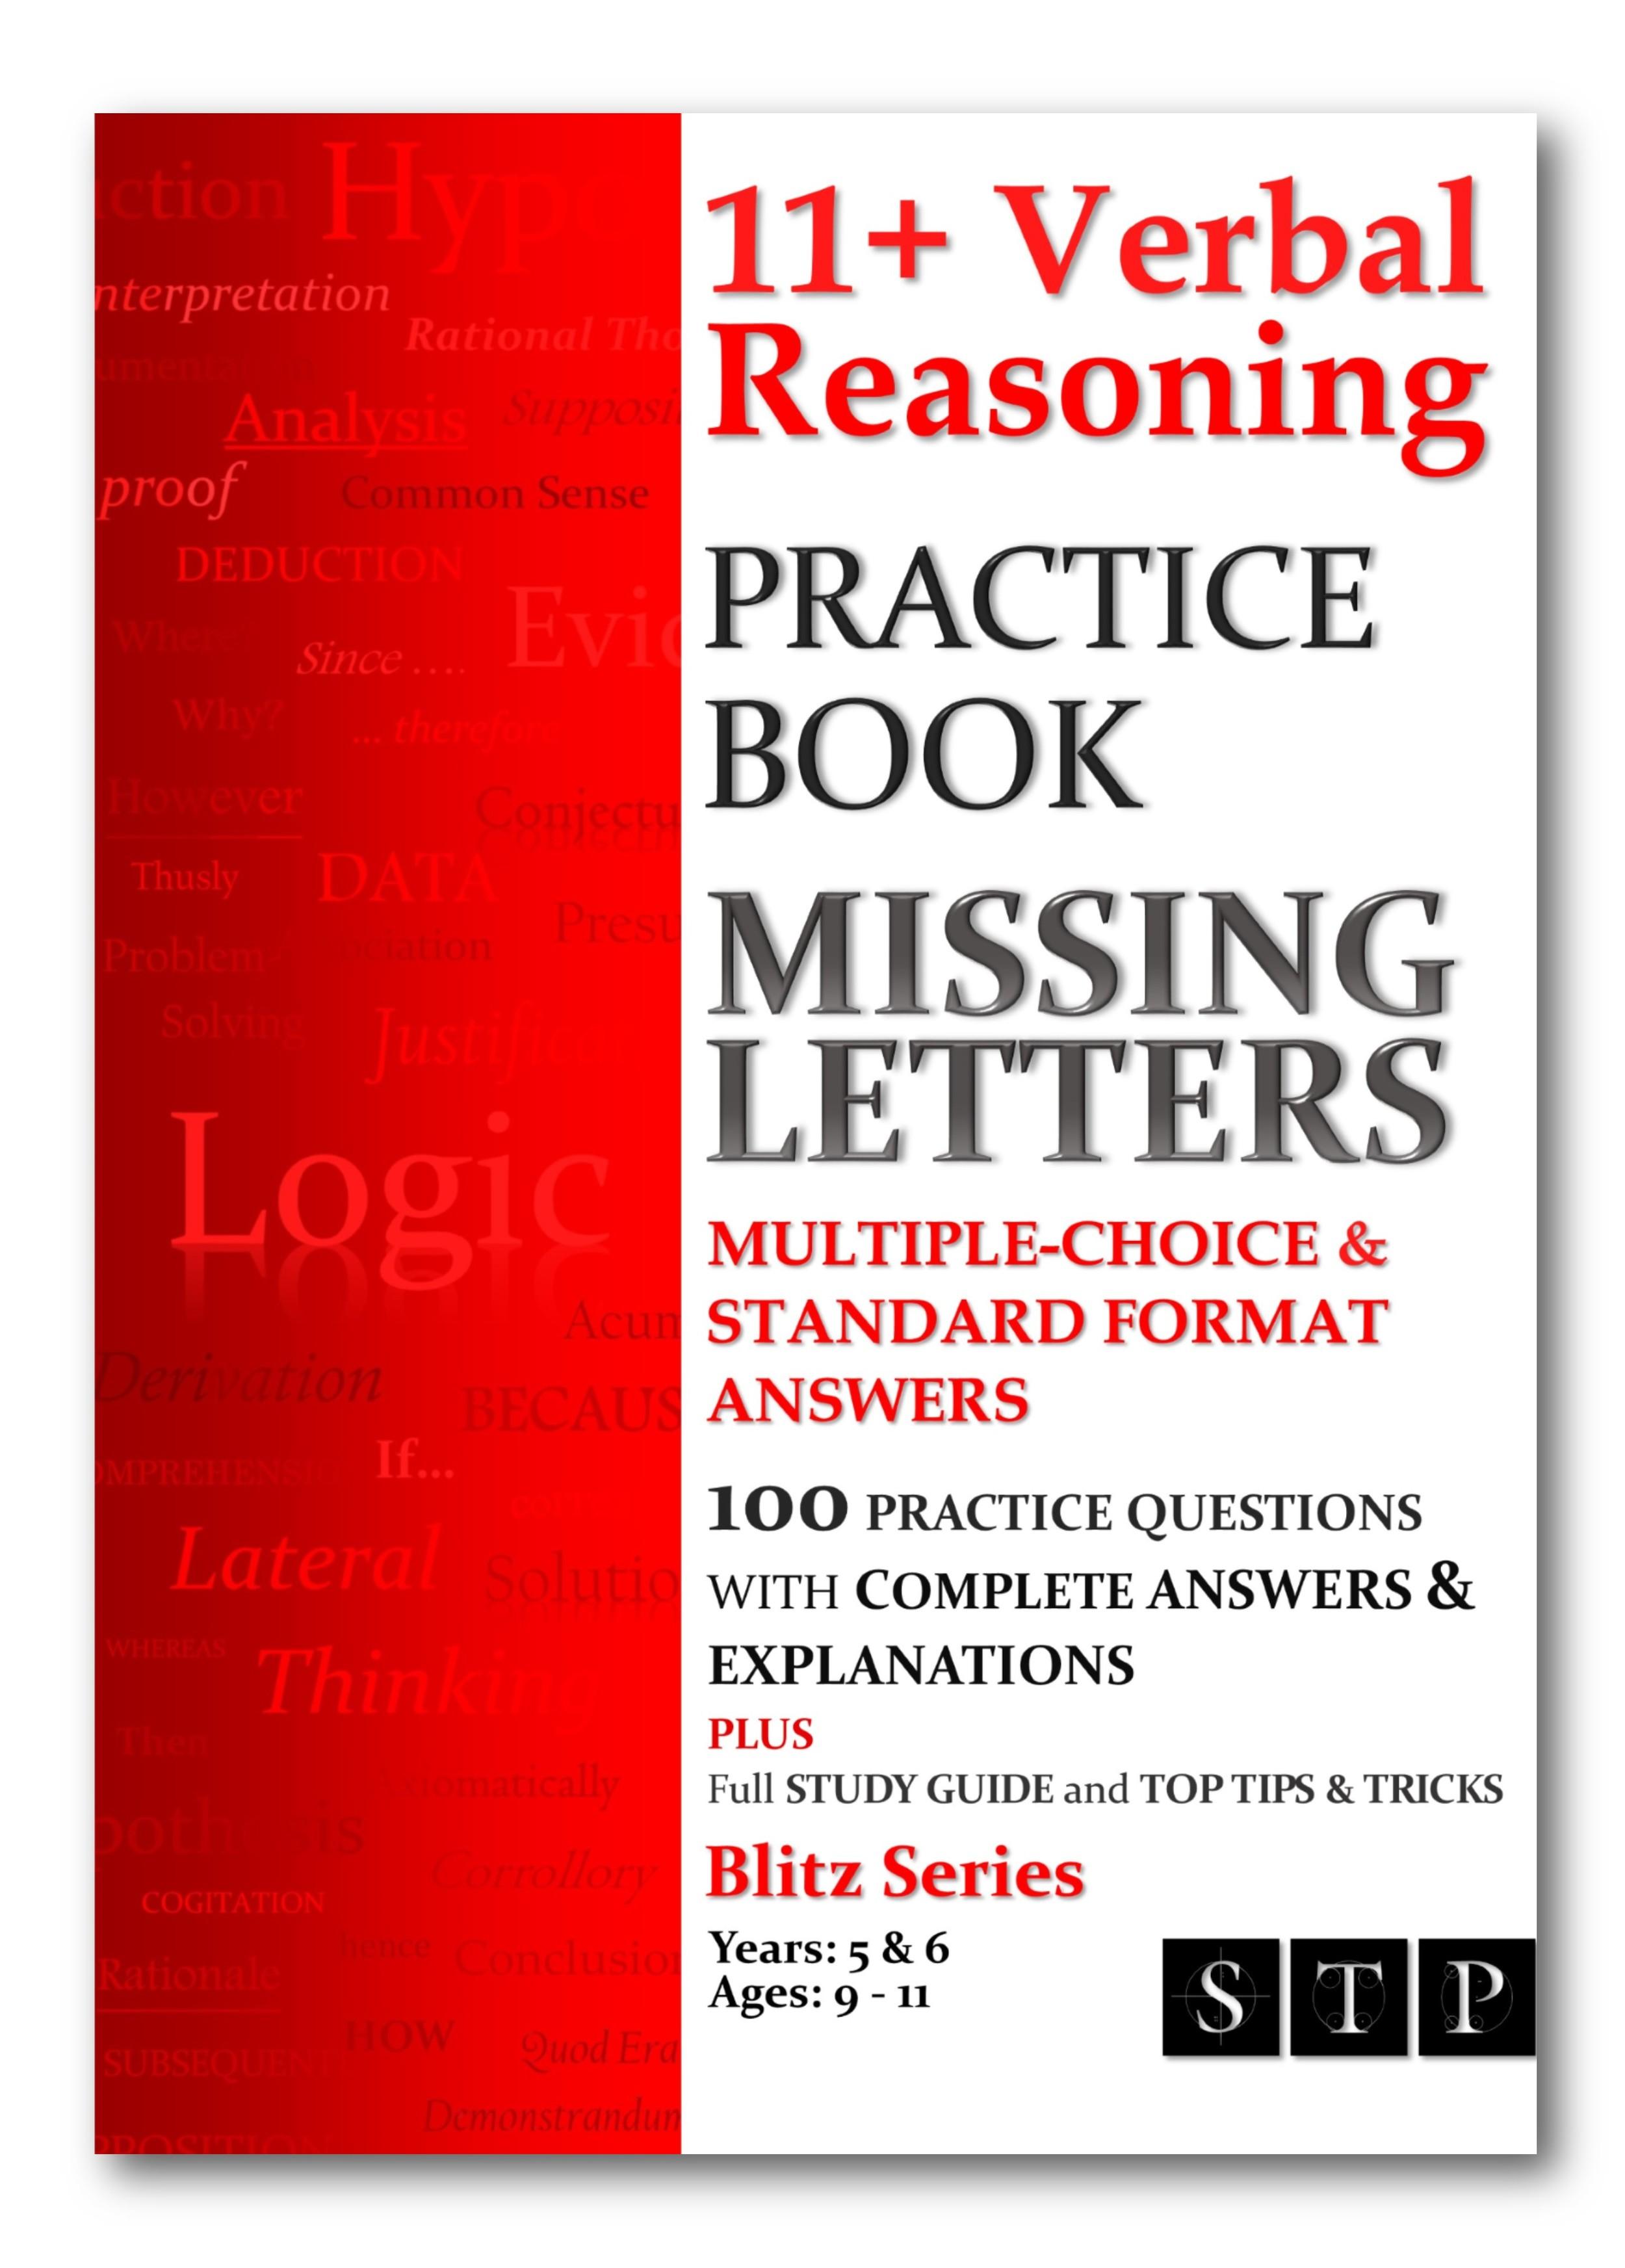 11+ Verbal Reasoning Practice Book: Missing Letters